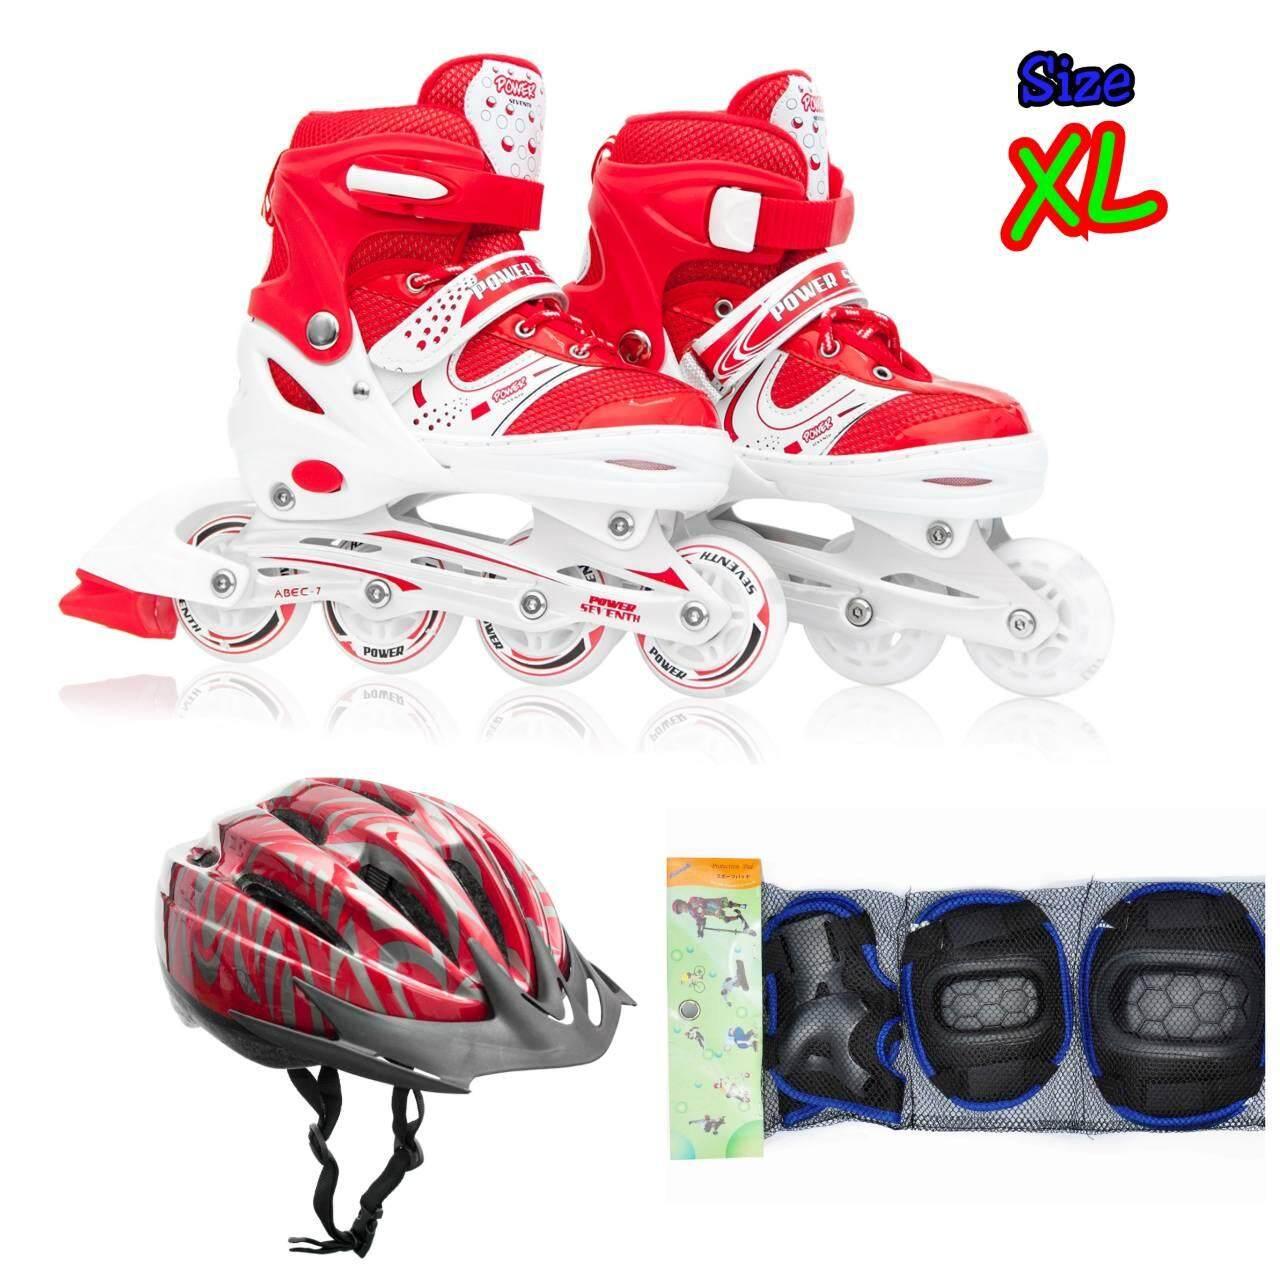 ราคา รองเท้าอินไลน์สเก็ต Premium Inline Skate Power Seventh Aluminium Tracks Abec 7 Wheels With Lights 0415A Warranty 1 Year เบอร์ 37 44 Red Xl ครบชุด เป็นต้นฉบับ Promark